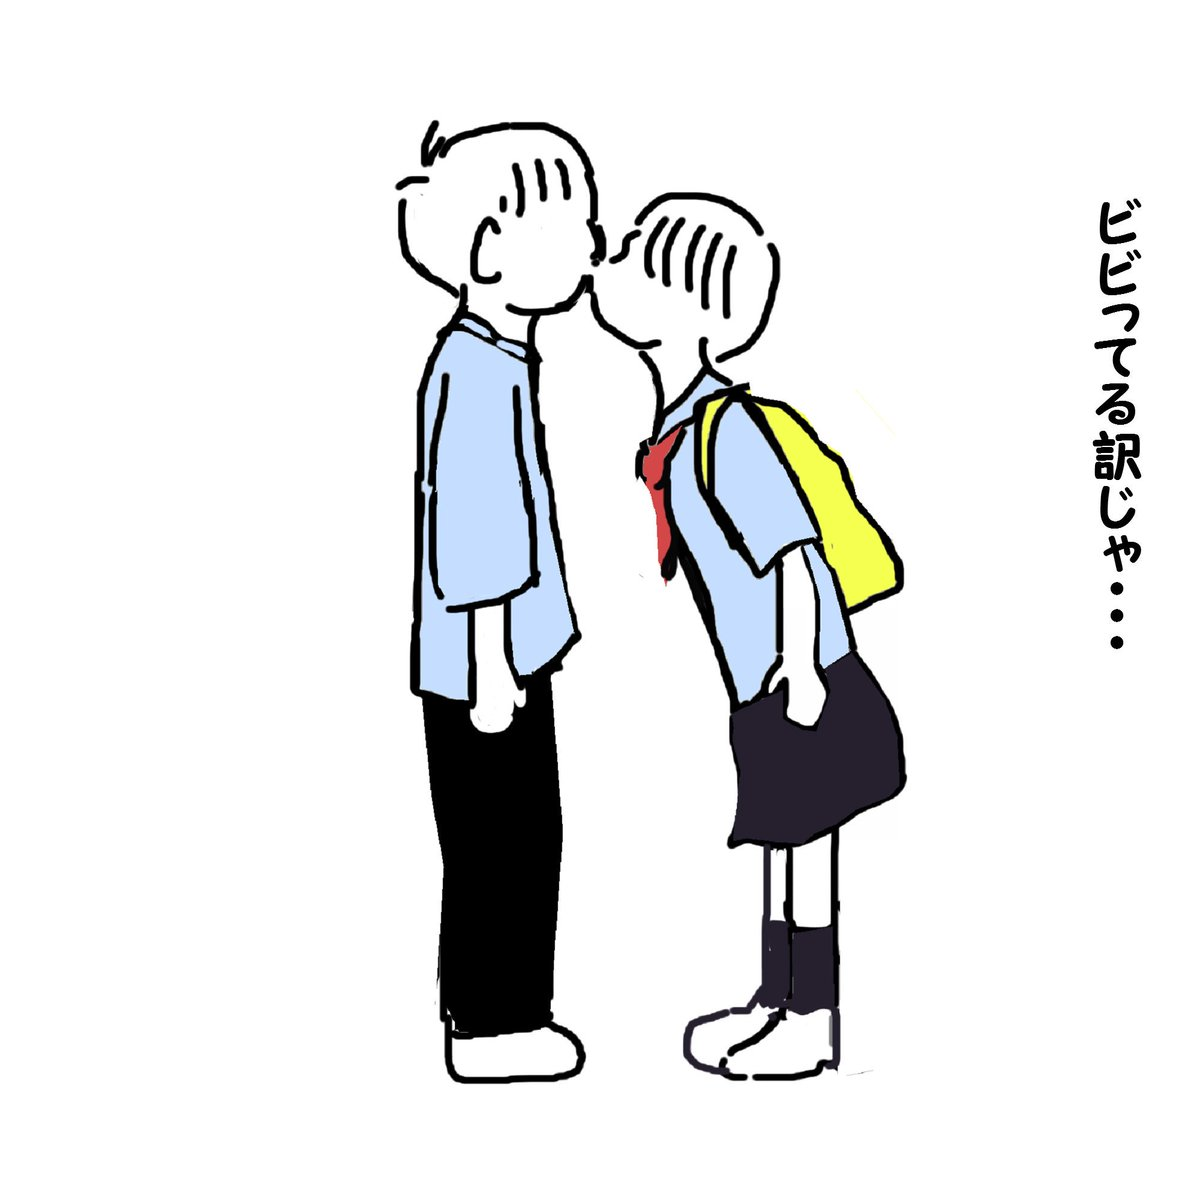 【純愛】 愛のあるセックス part33 【ラブラブ】 [無断転載禁止]©bbspink.comYouTube動画>1本 ->画像>1177枚